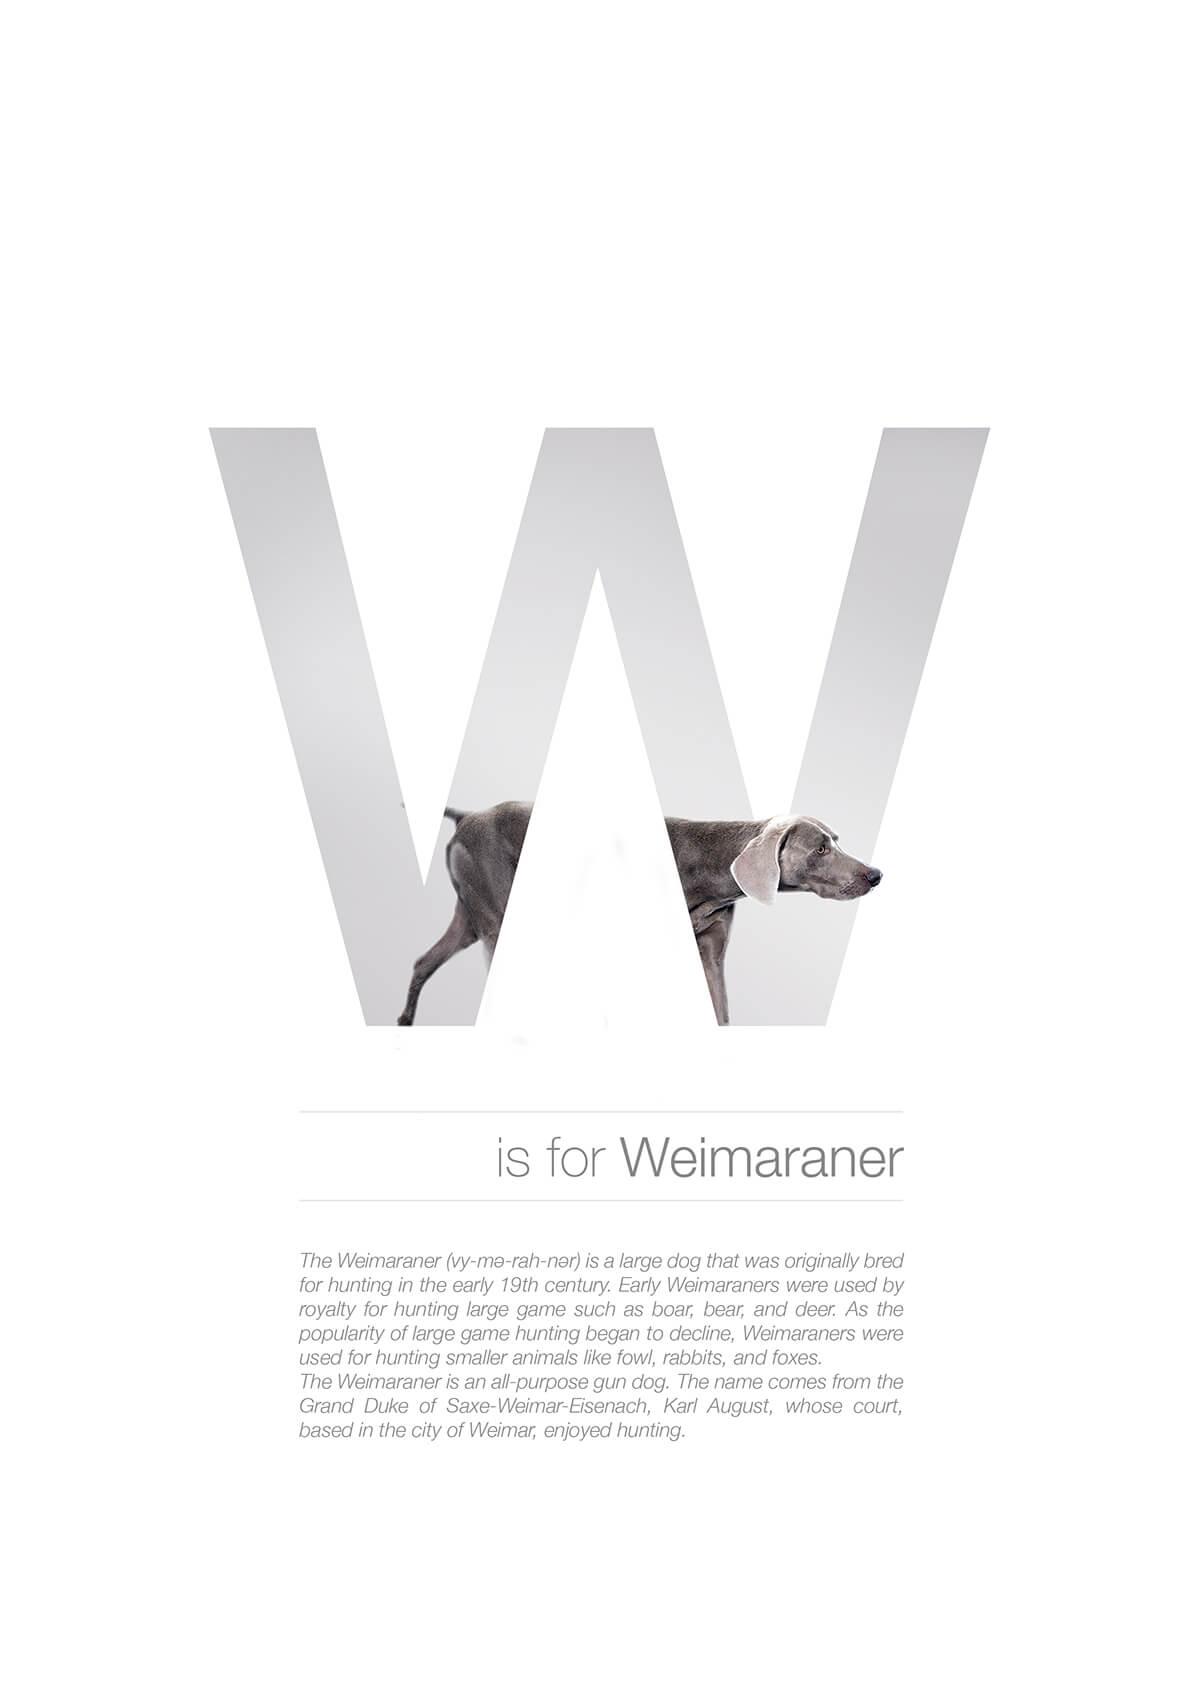 W ตัวอักษรกราฟฟิค A Z สายพันธุ์หมาไอเดียน่ารักจากดีไซน์เนอร์โรมาเนีย